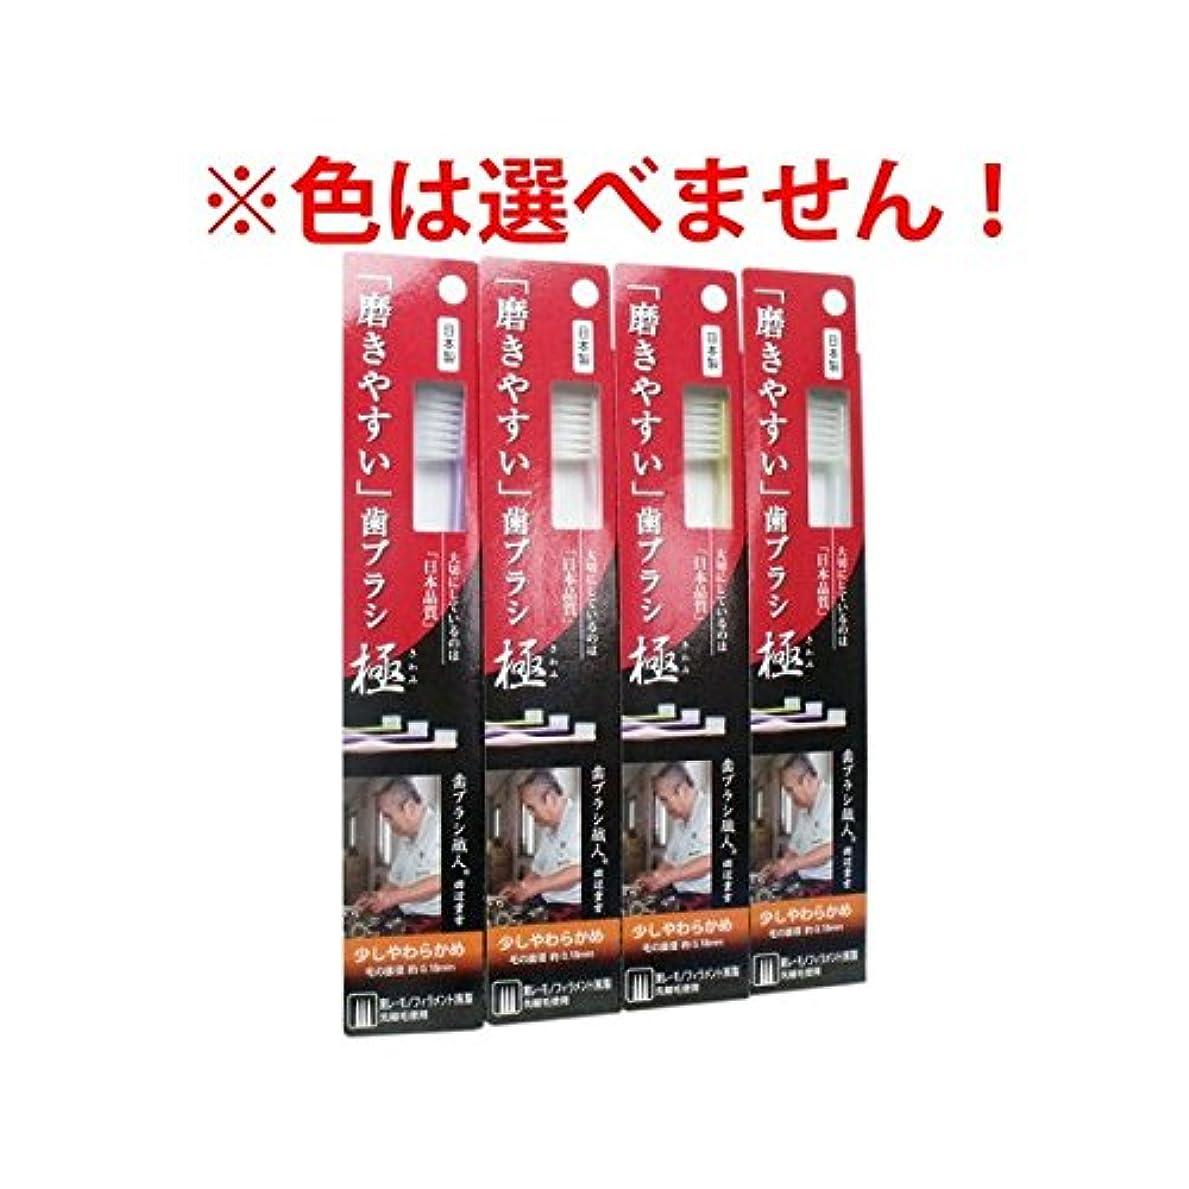 フリル書道意気揚々ライフレンジ 磨きやすい歯ブラシ極 1P*12本入り LT-25(少しやわらかめ)